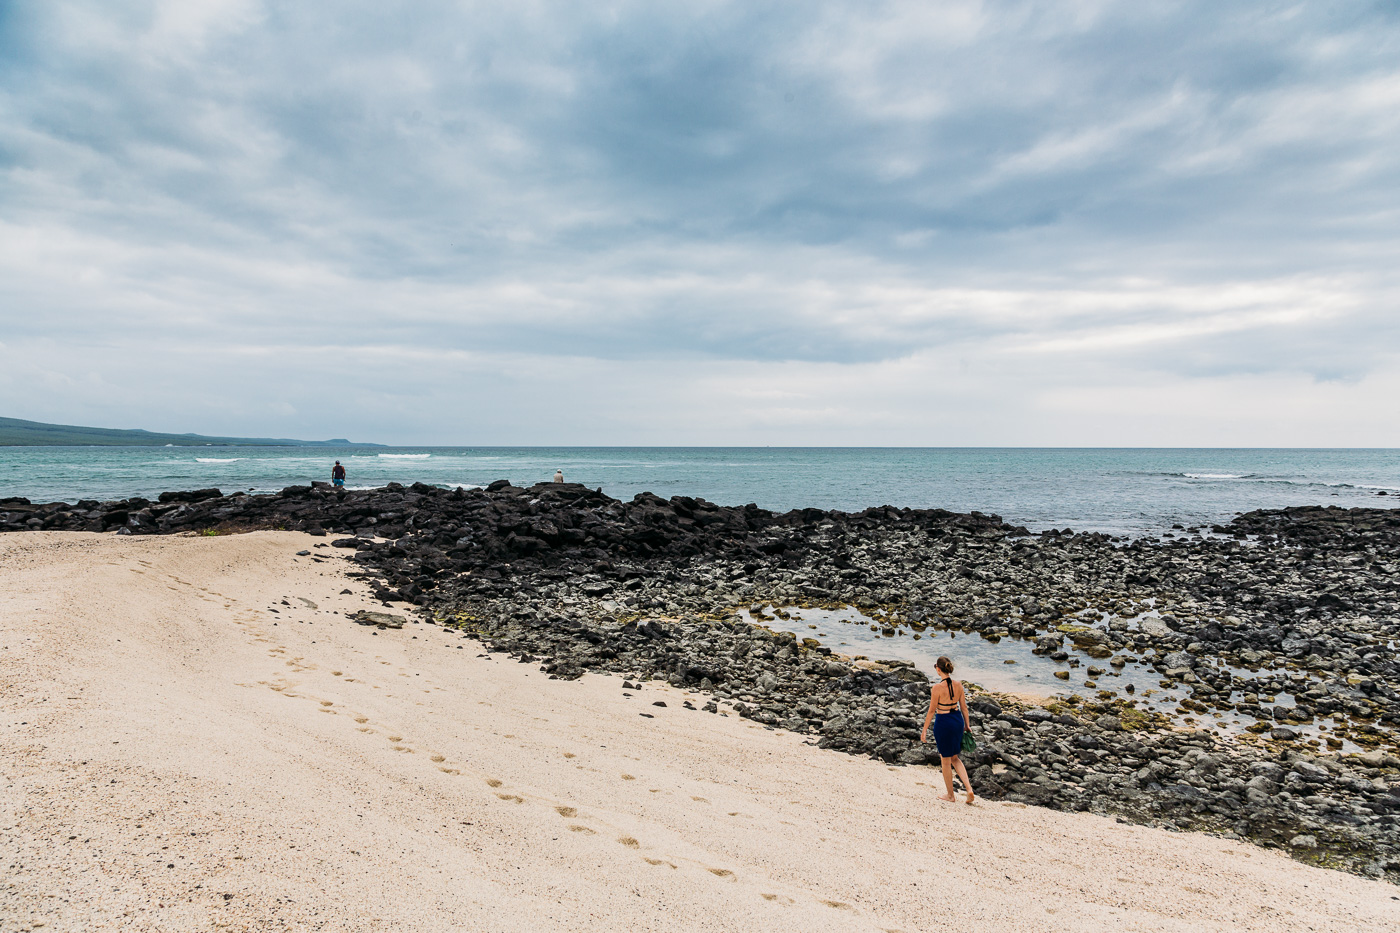 Playa Lobos, Isla San Cristobal, Galapagos